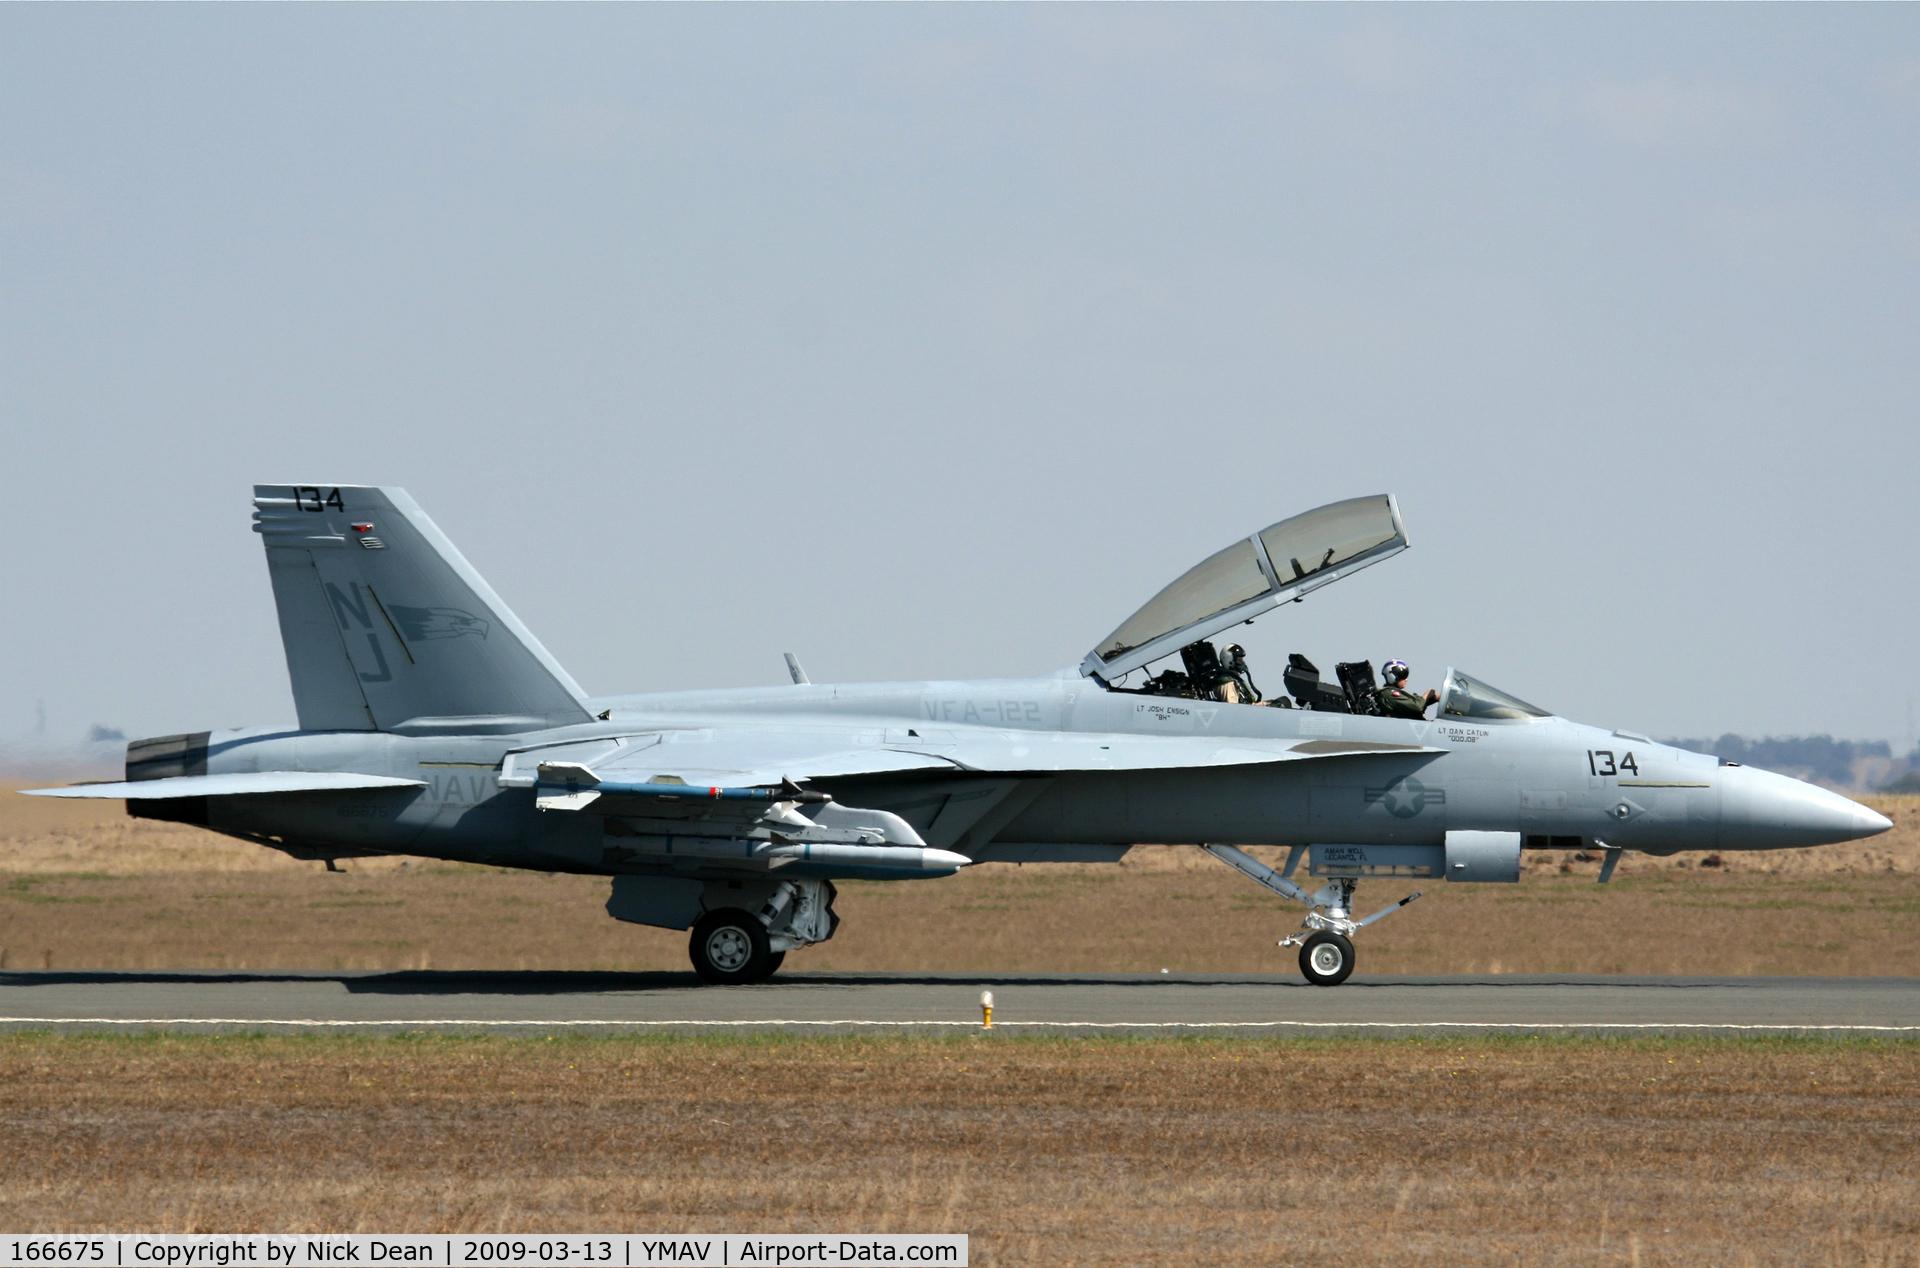 166675, Boeing F/A-18F Super Hornet C/N F153, YMAV (2009 Avalon Air Show)